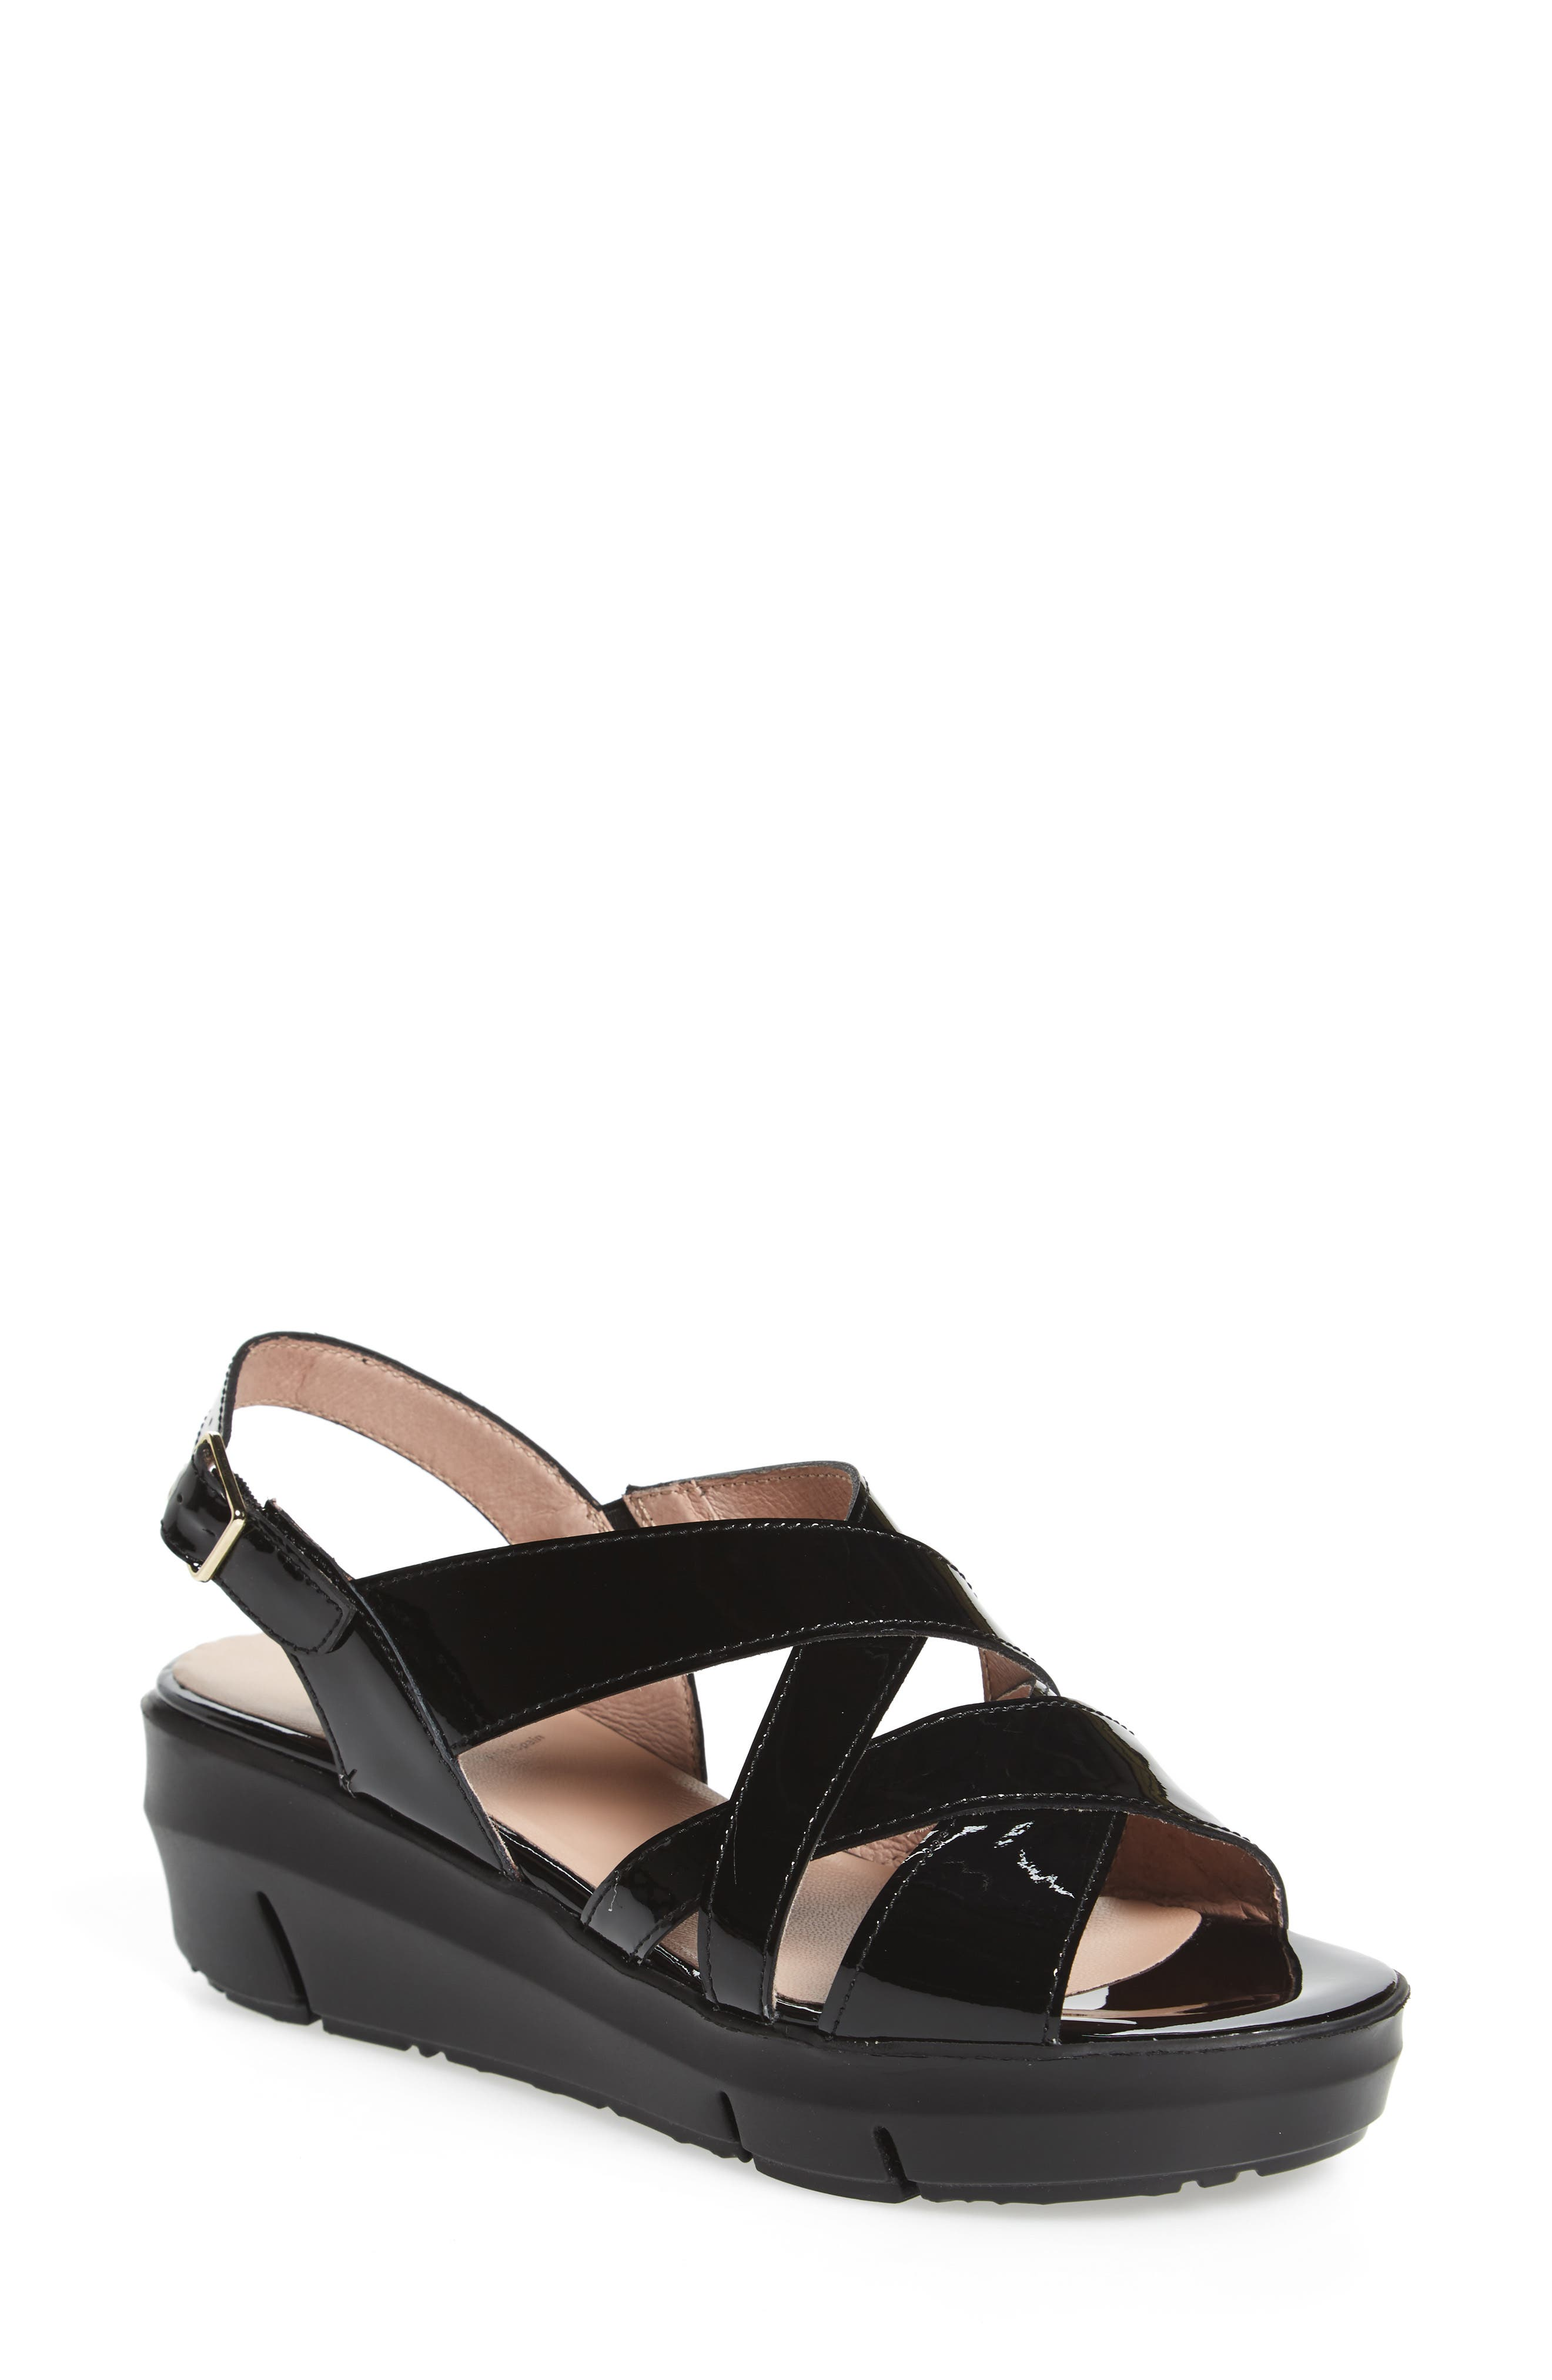 Wonders Platform Wedge Sandal, Black